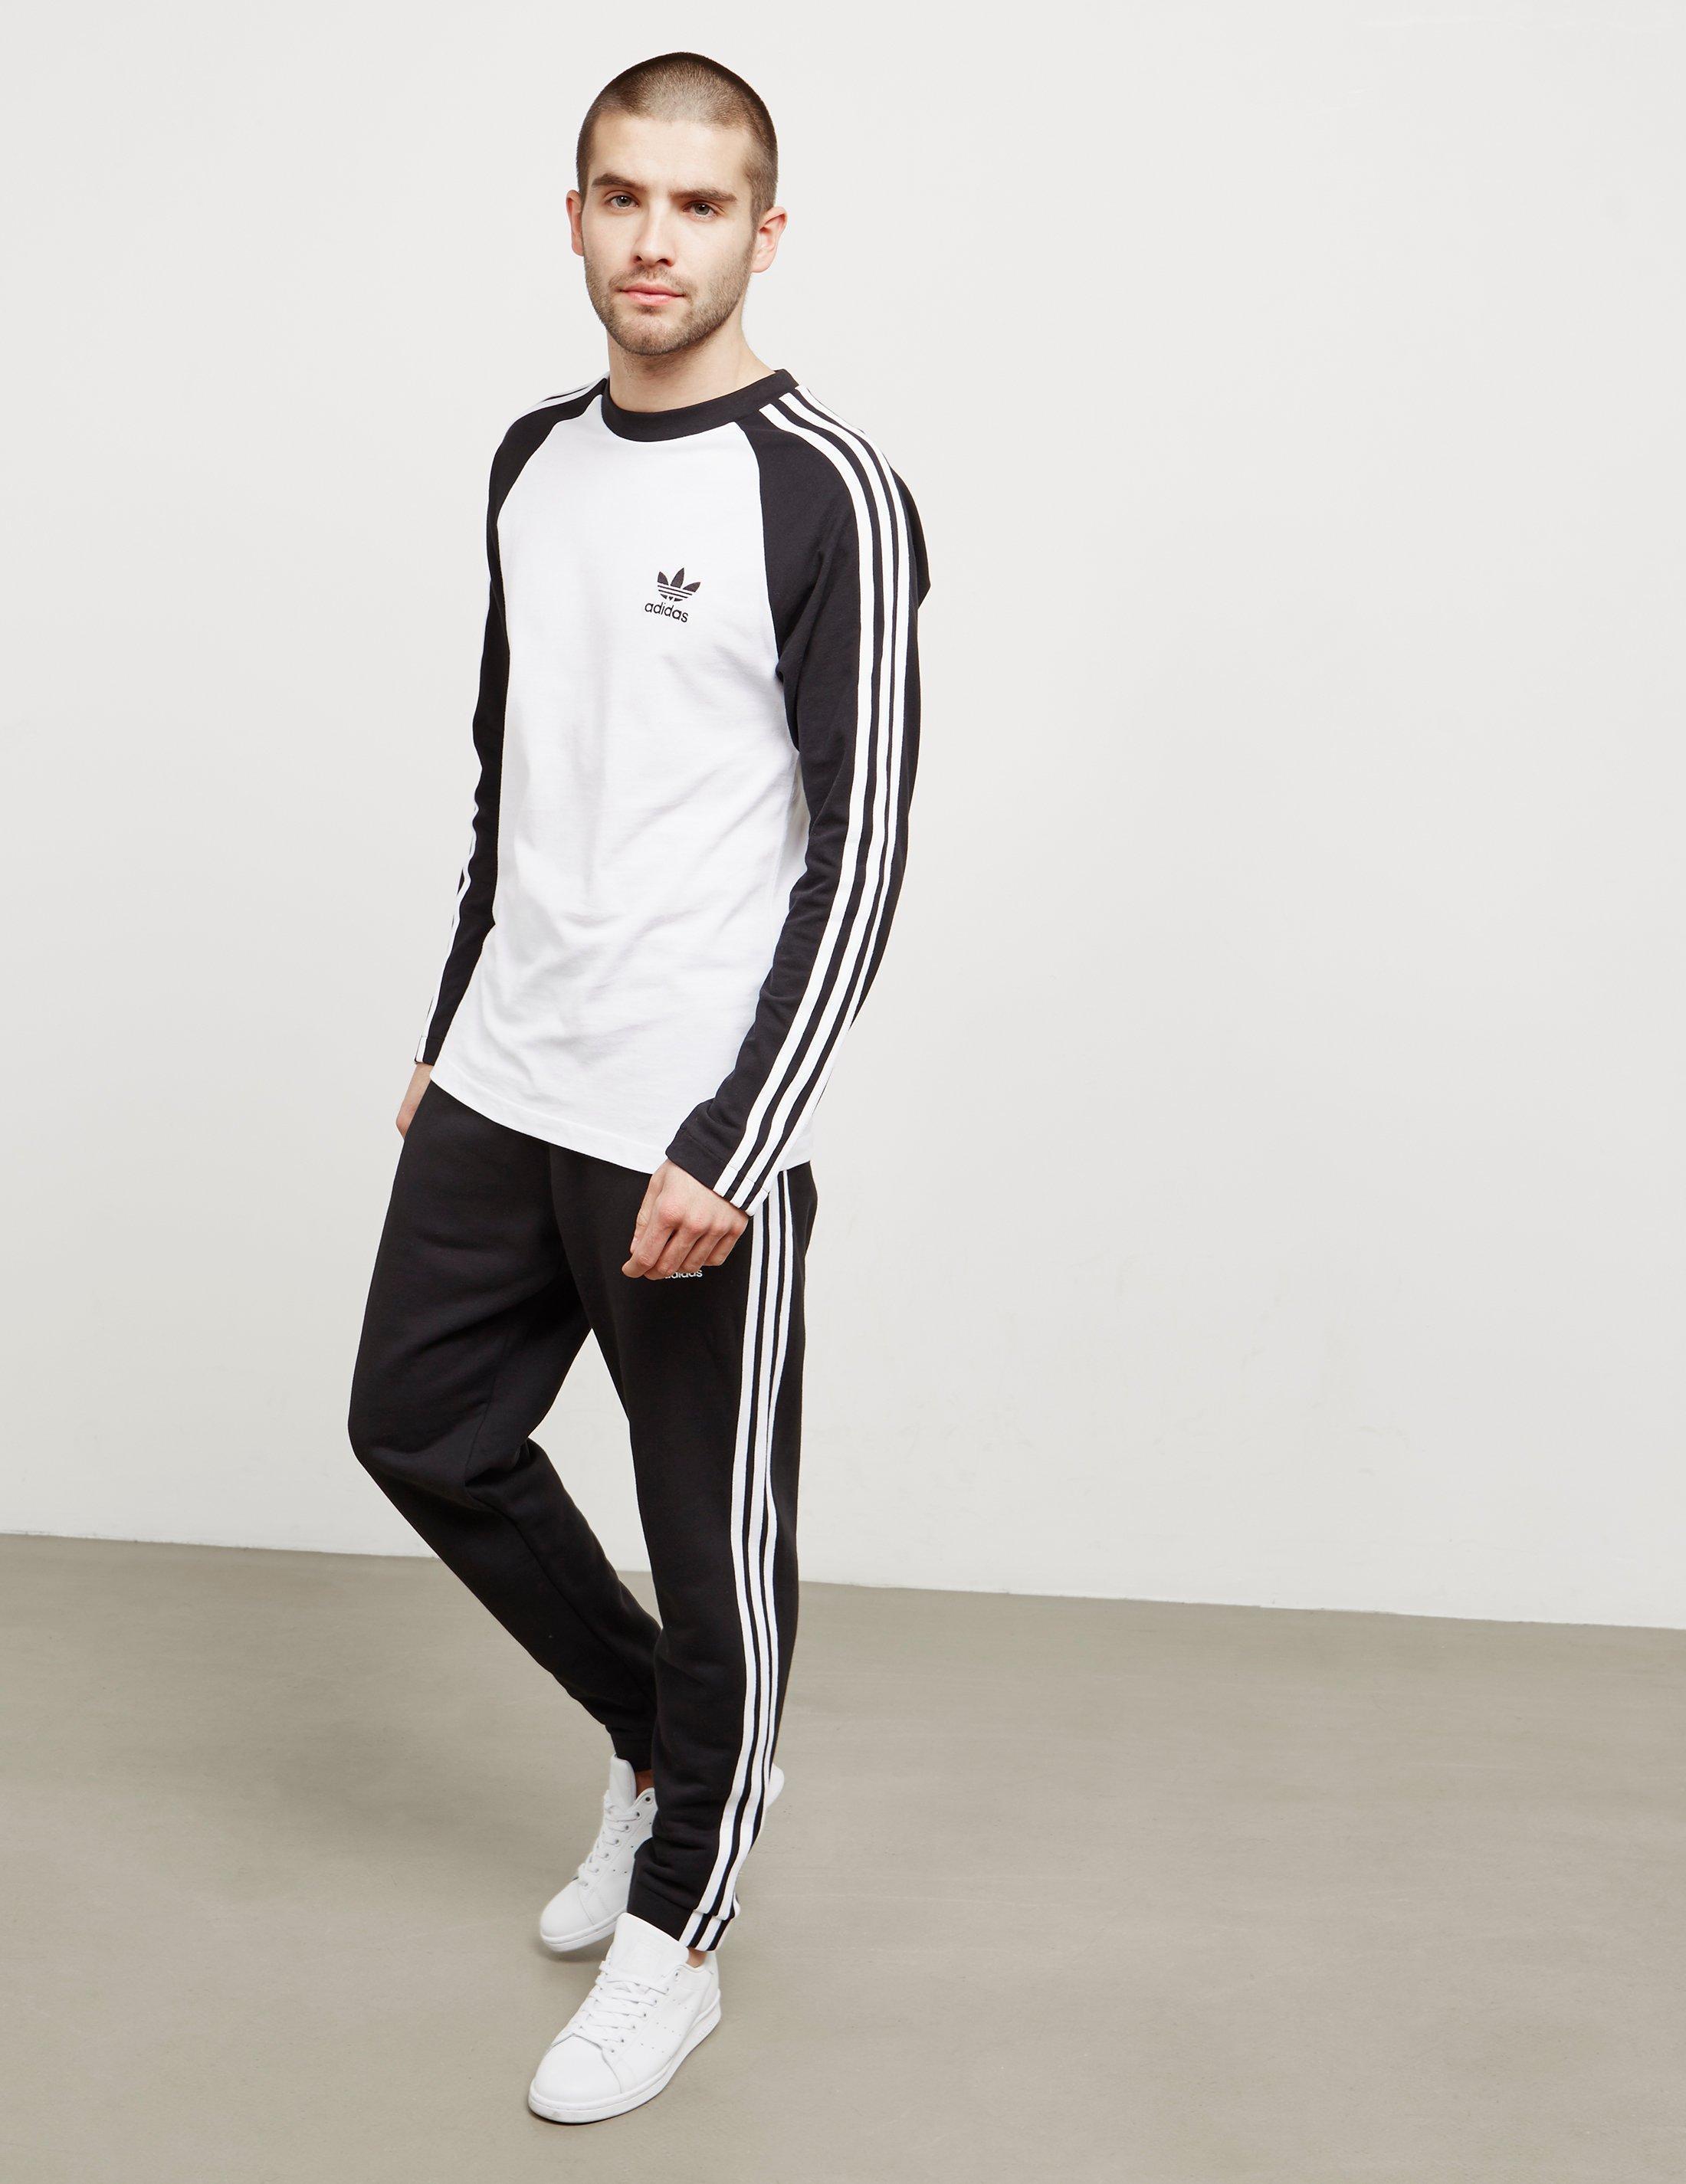 e769891a5 Adidas Originals Long Sleeve 3 Stripes T Shirt White Blue - Nils ...